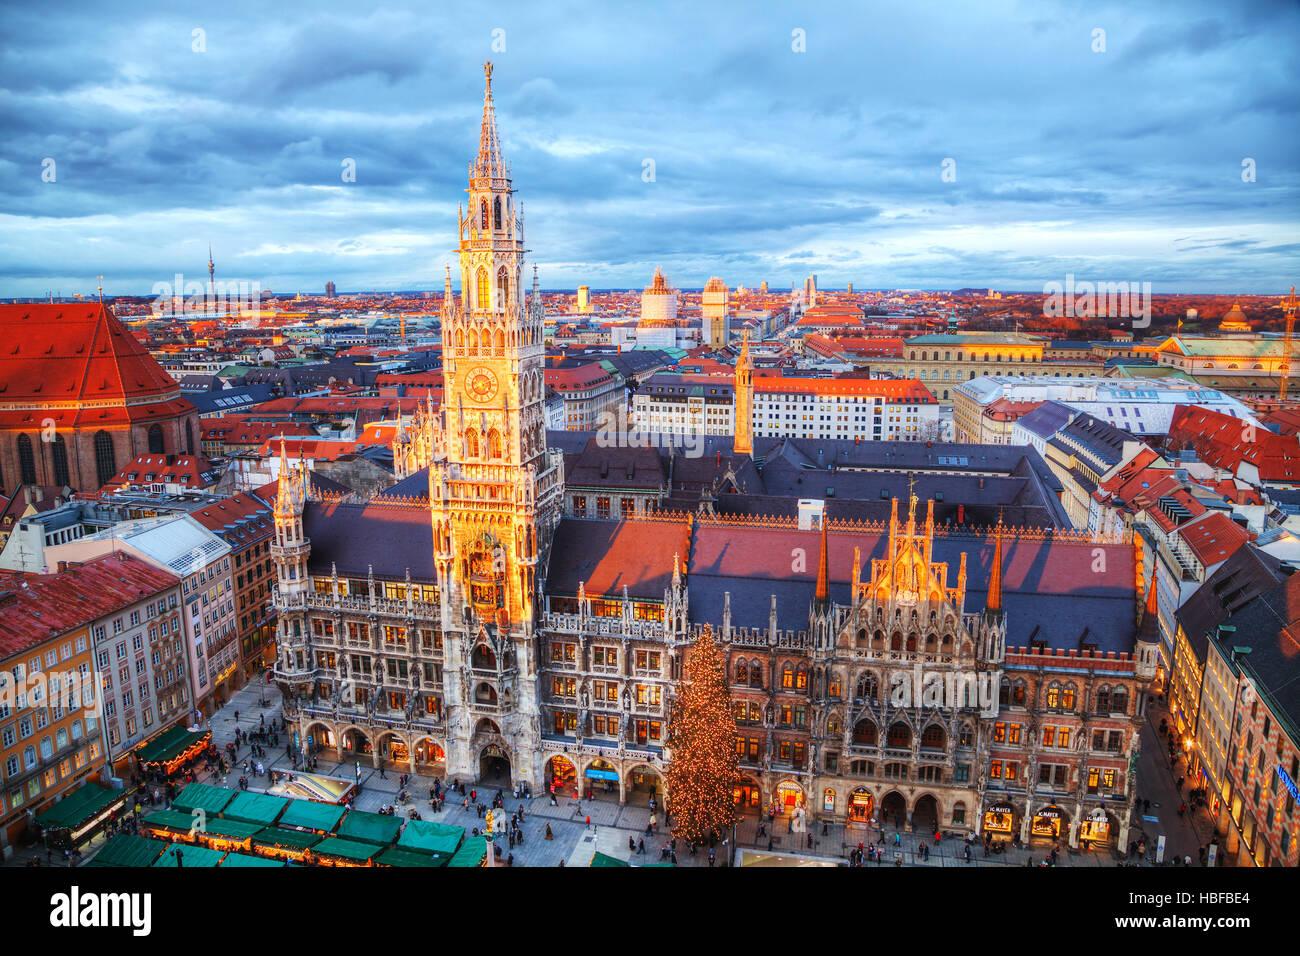 MUNICH - 30 novembre: Vue aérienne de la Marienplatz, le 30 novembre 2015 à Munich. C'est la Photo Stock